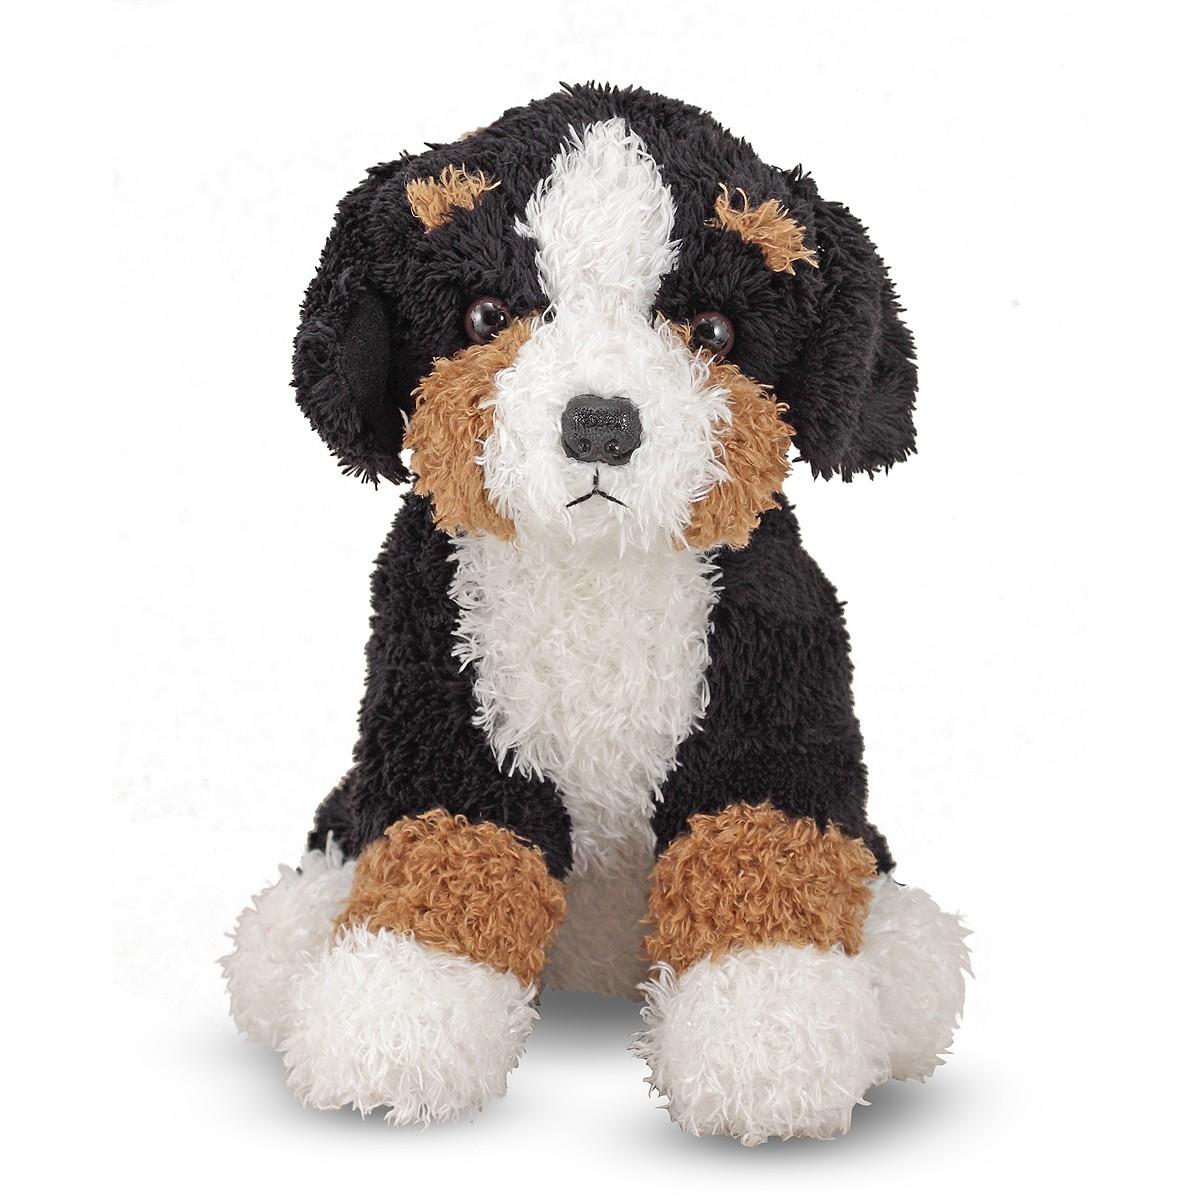 Мягкая игрушка  Бернская - Собаки, артикул: 164199